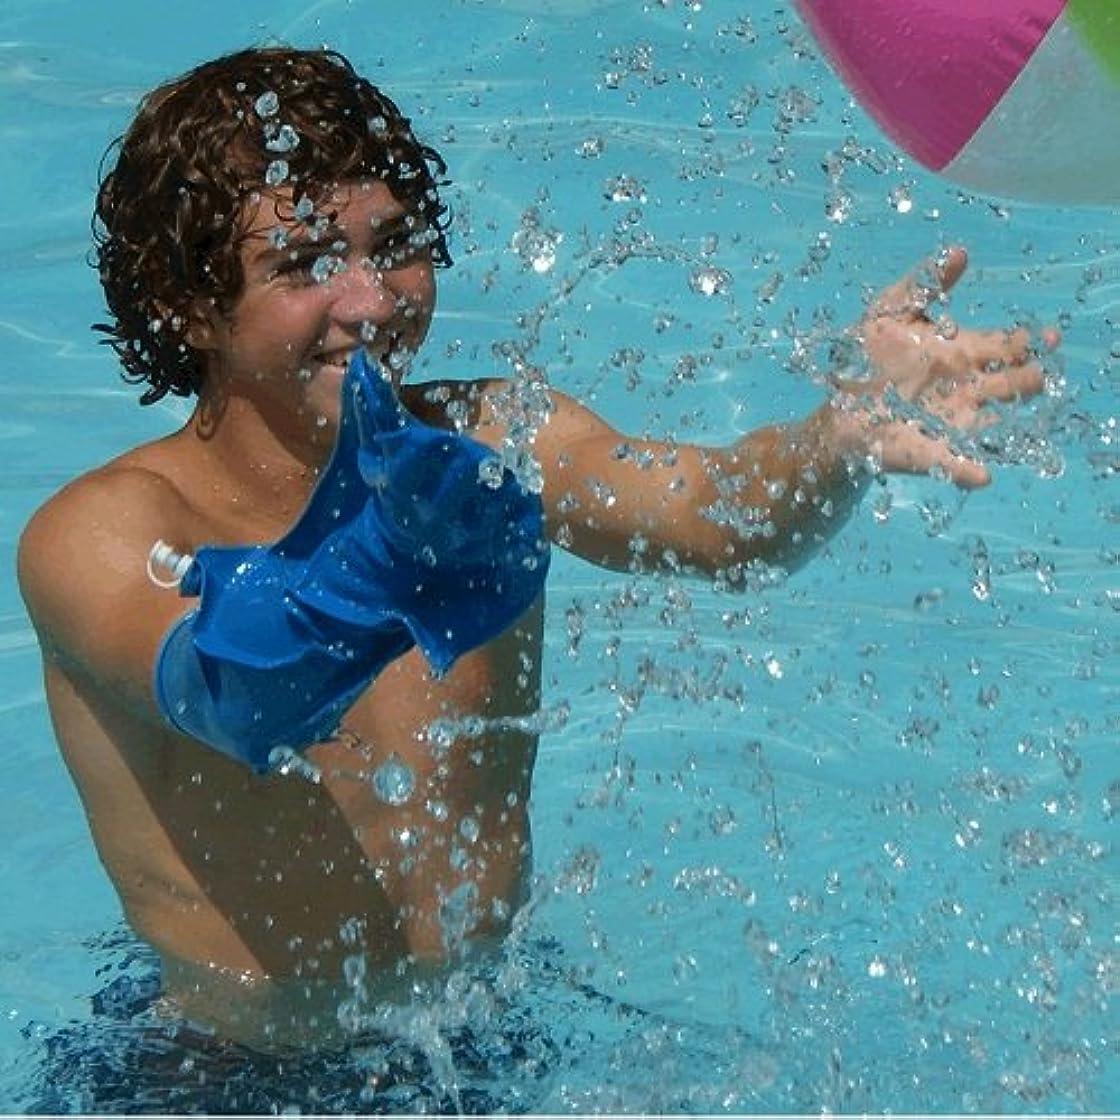 百年クックアルファベット順【骨折】【ギプス】 ドライプロ 腕用防水カバー:ハーフサイズ (L)